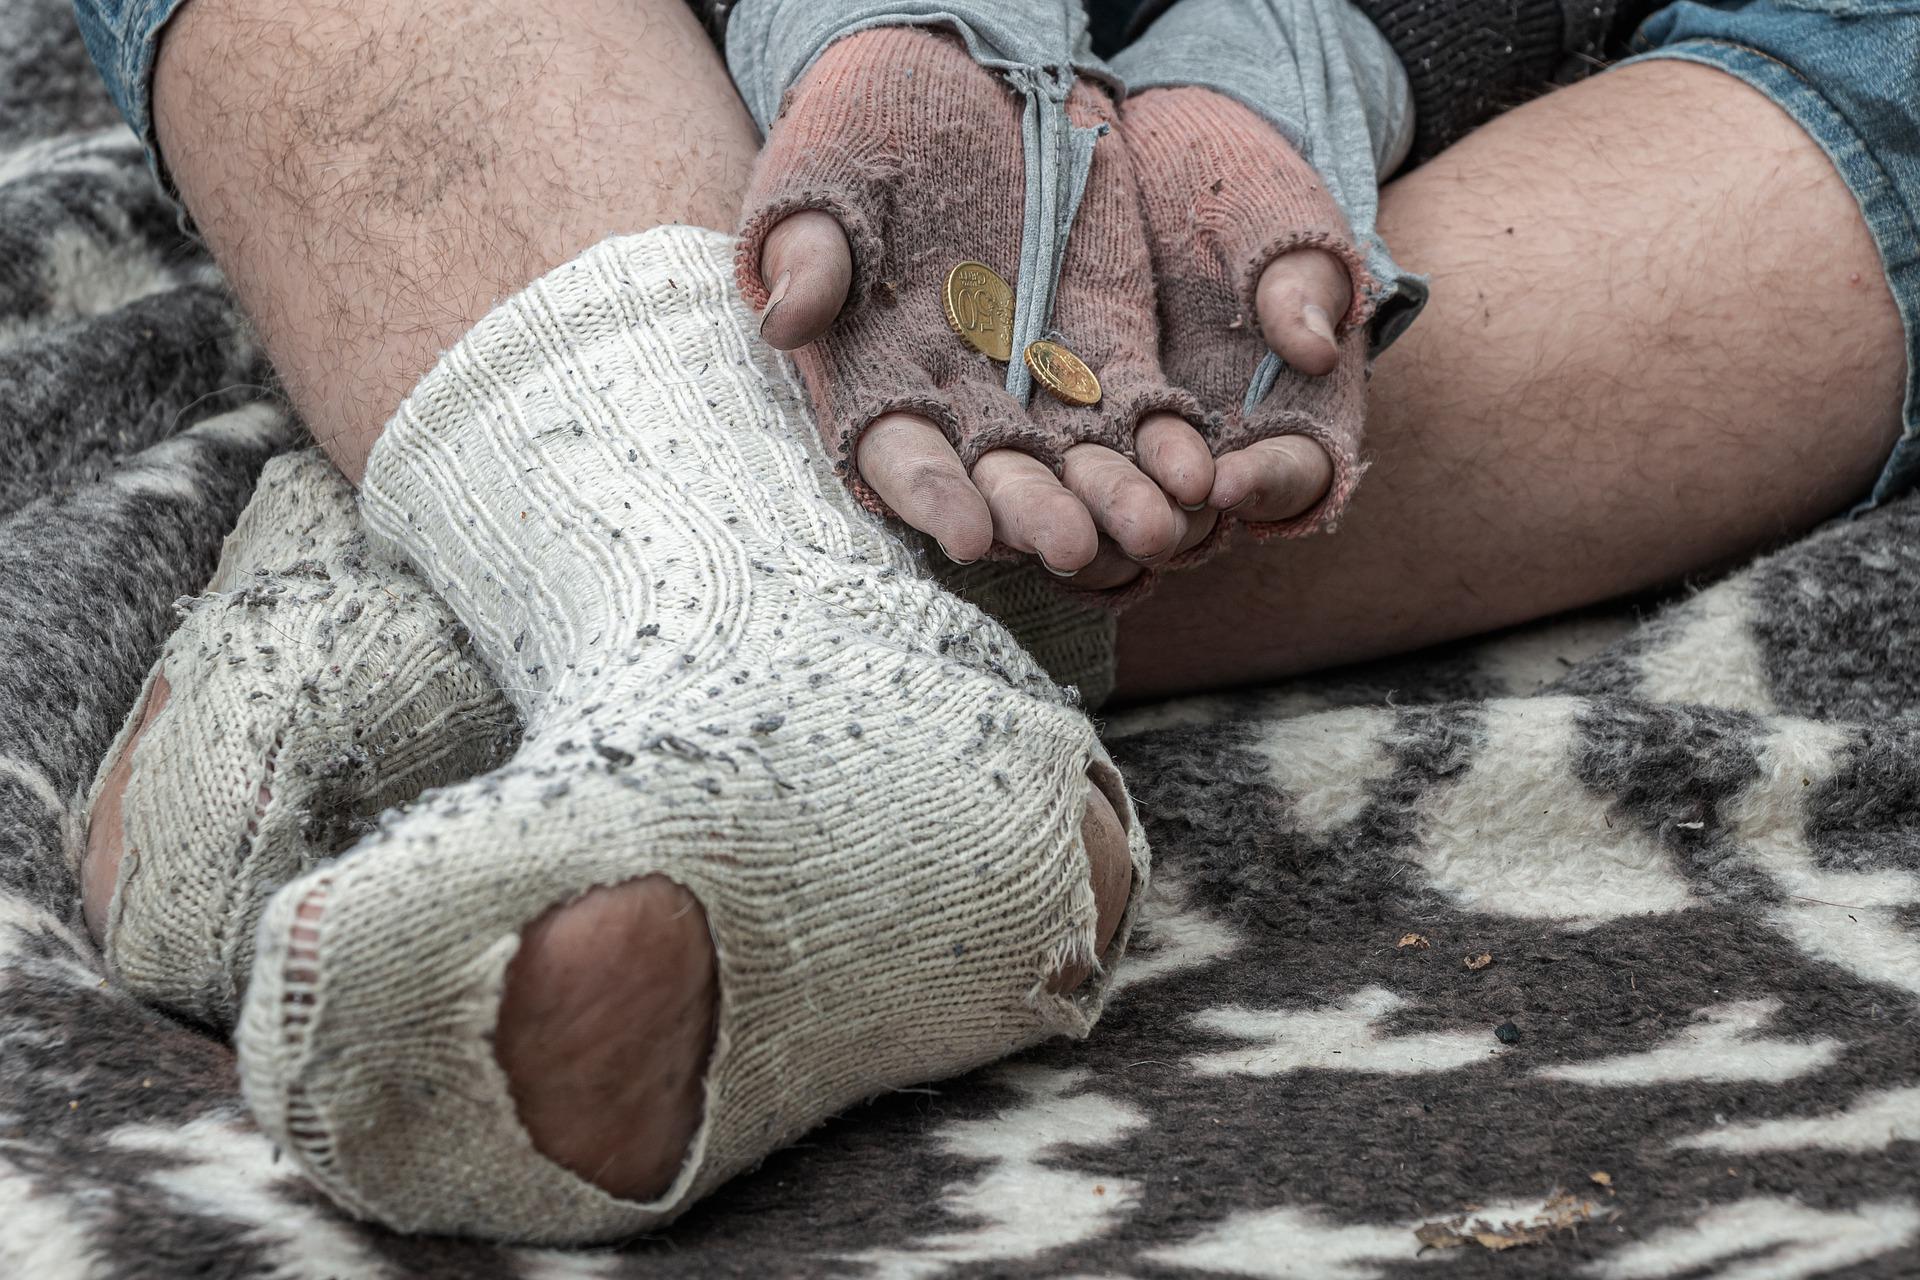 Leköhögi az embereket a hajléktalan